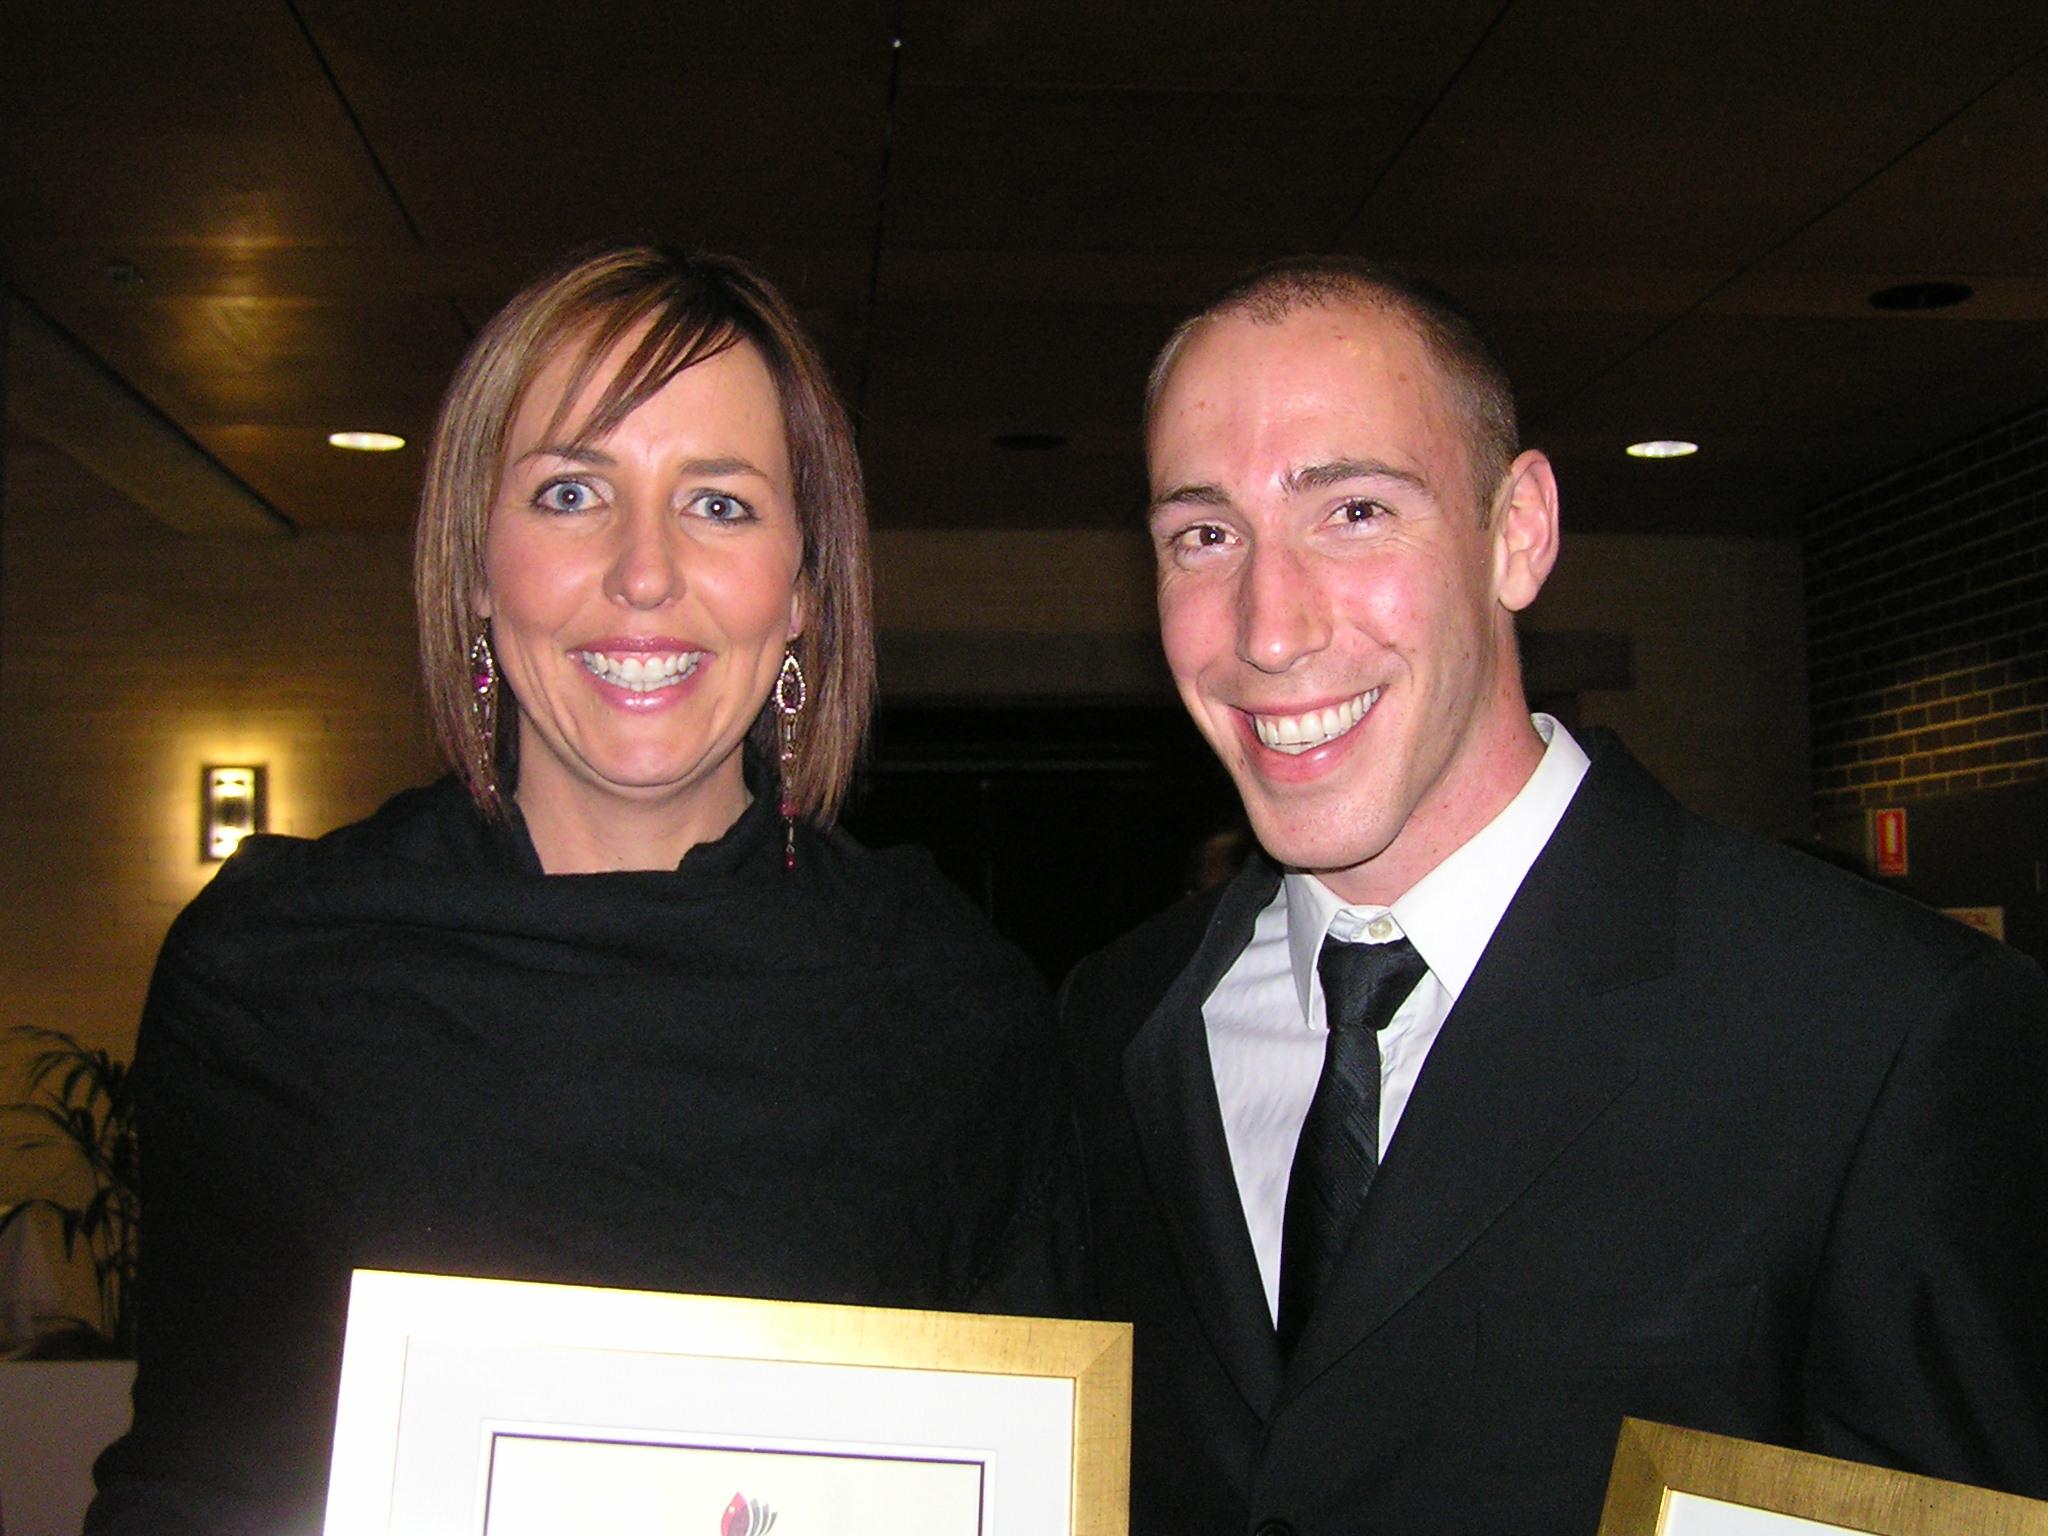 Posing with fellow Alumni Award winner Liz Ellis (former captain of Australian Netball team)